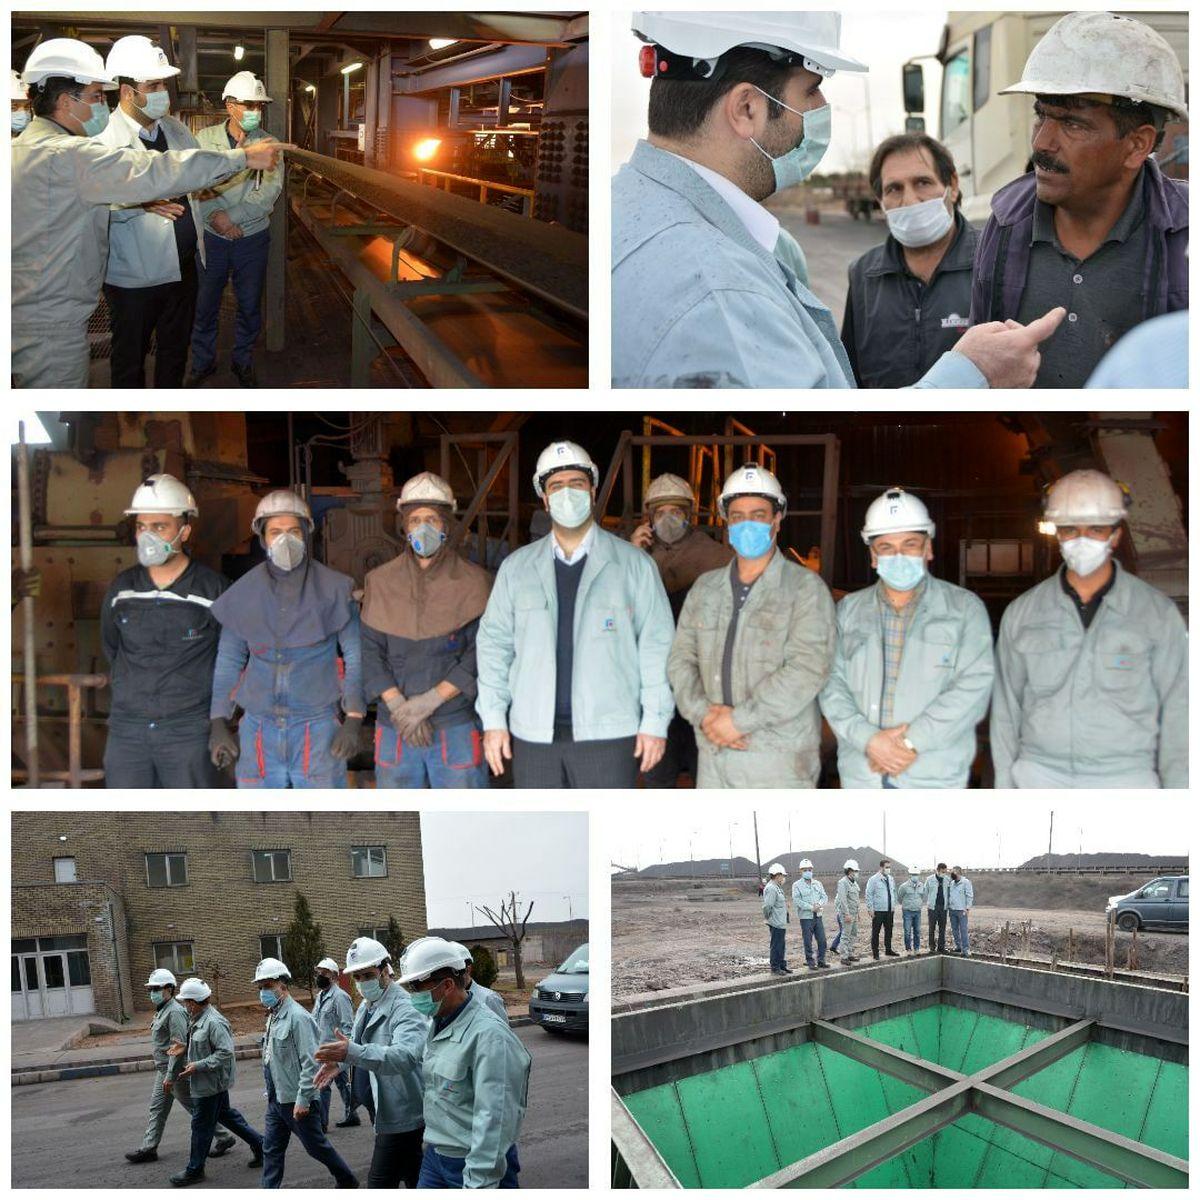 بازدید مدیرعامل فولاد خراسان از واحد گندلهسازی این شرکت